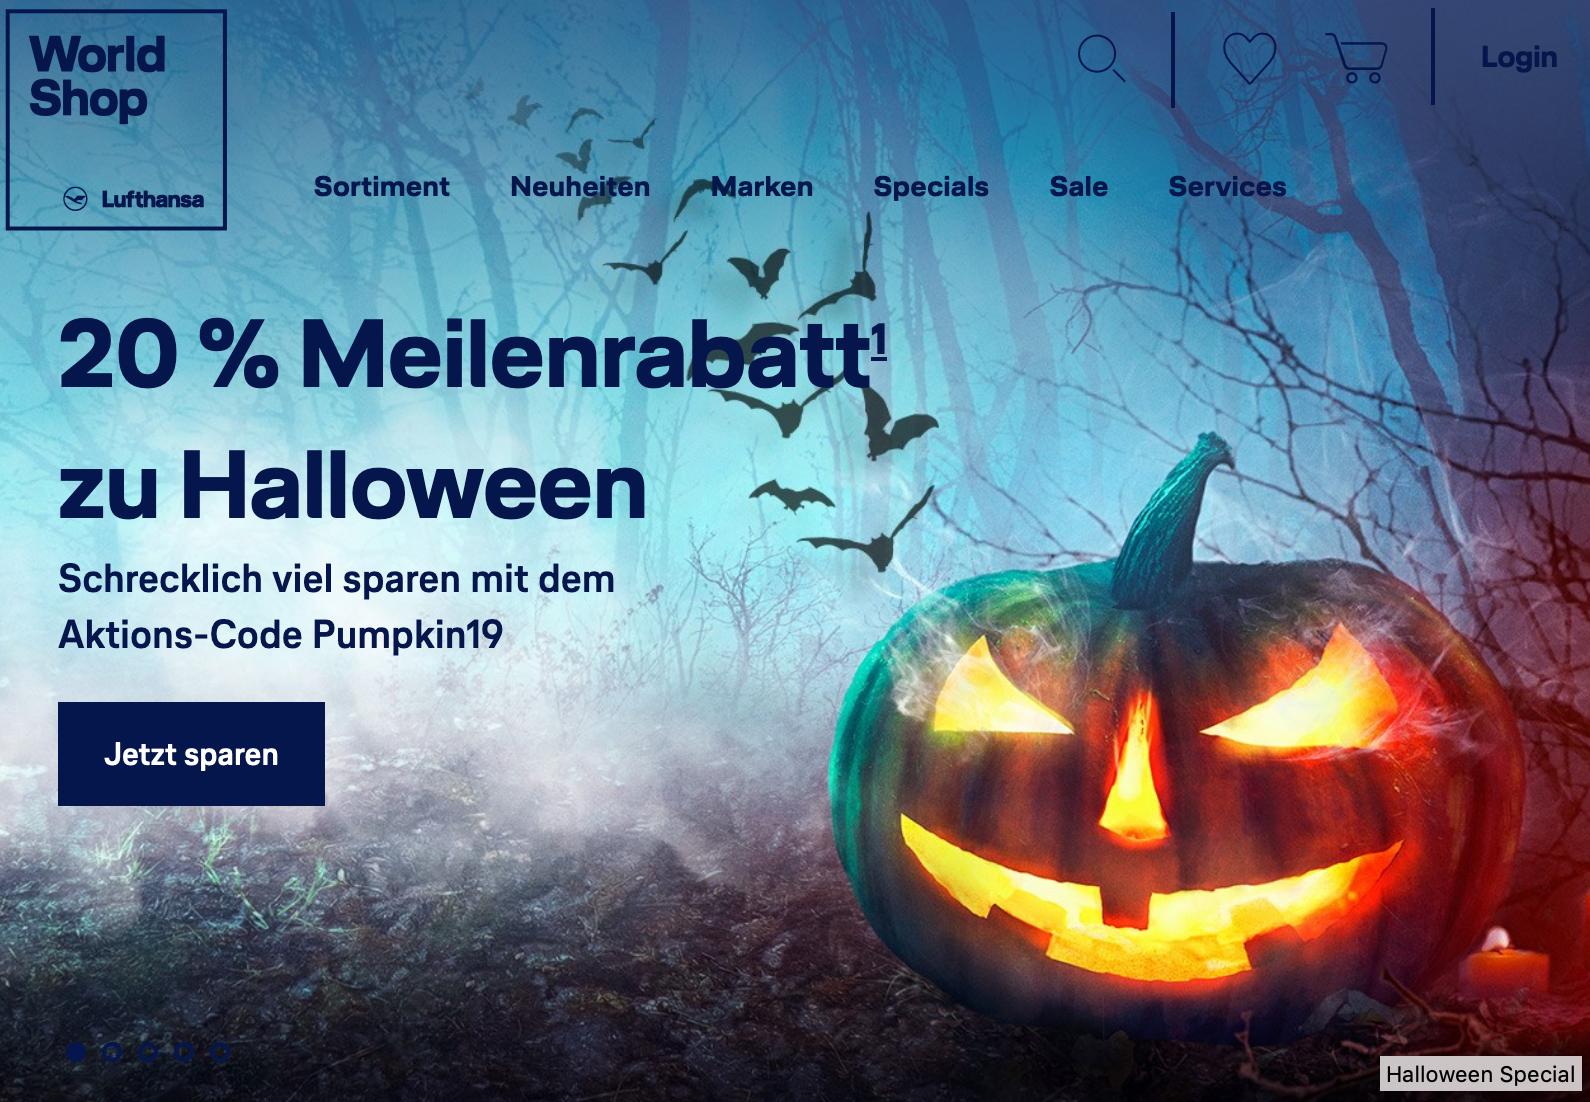 Miles & More World Shop: 20% Meilenrabatt zu Halloween